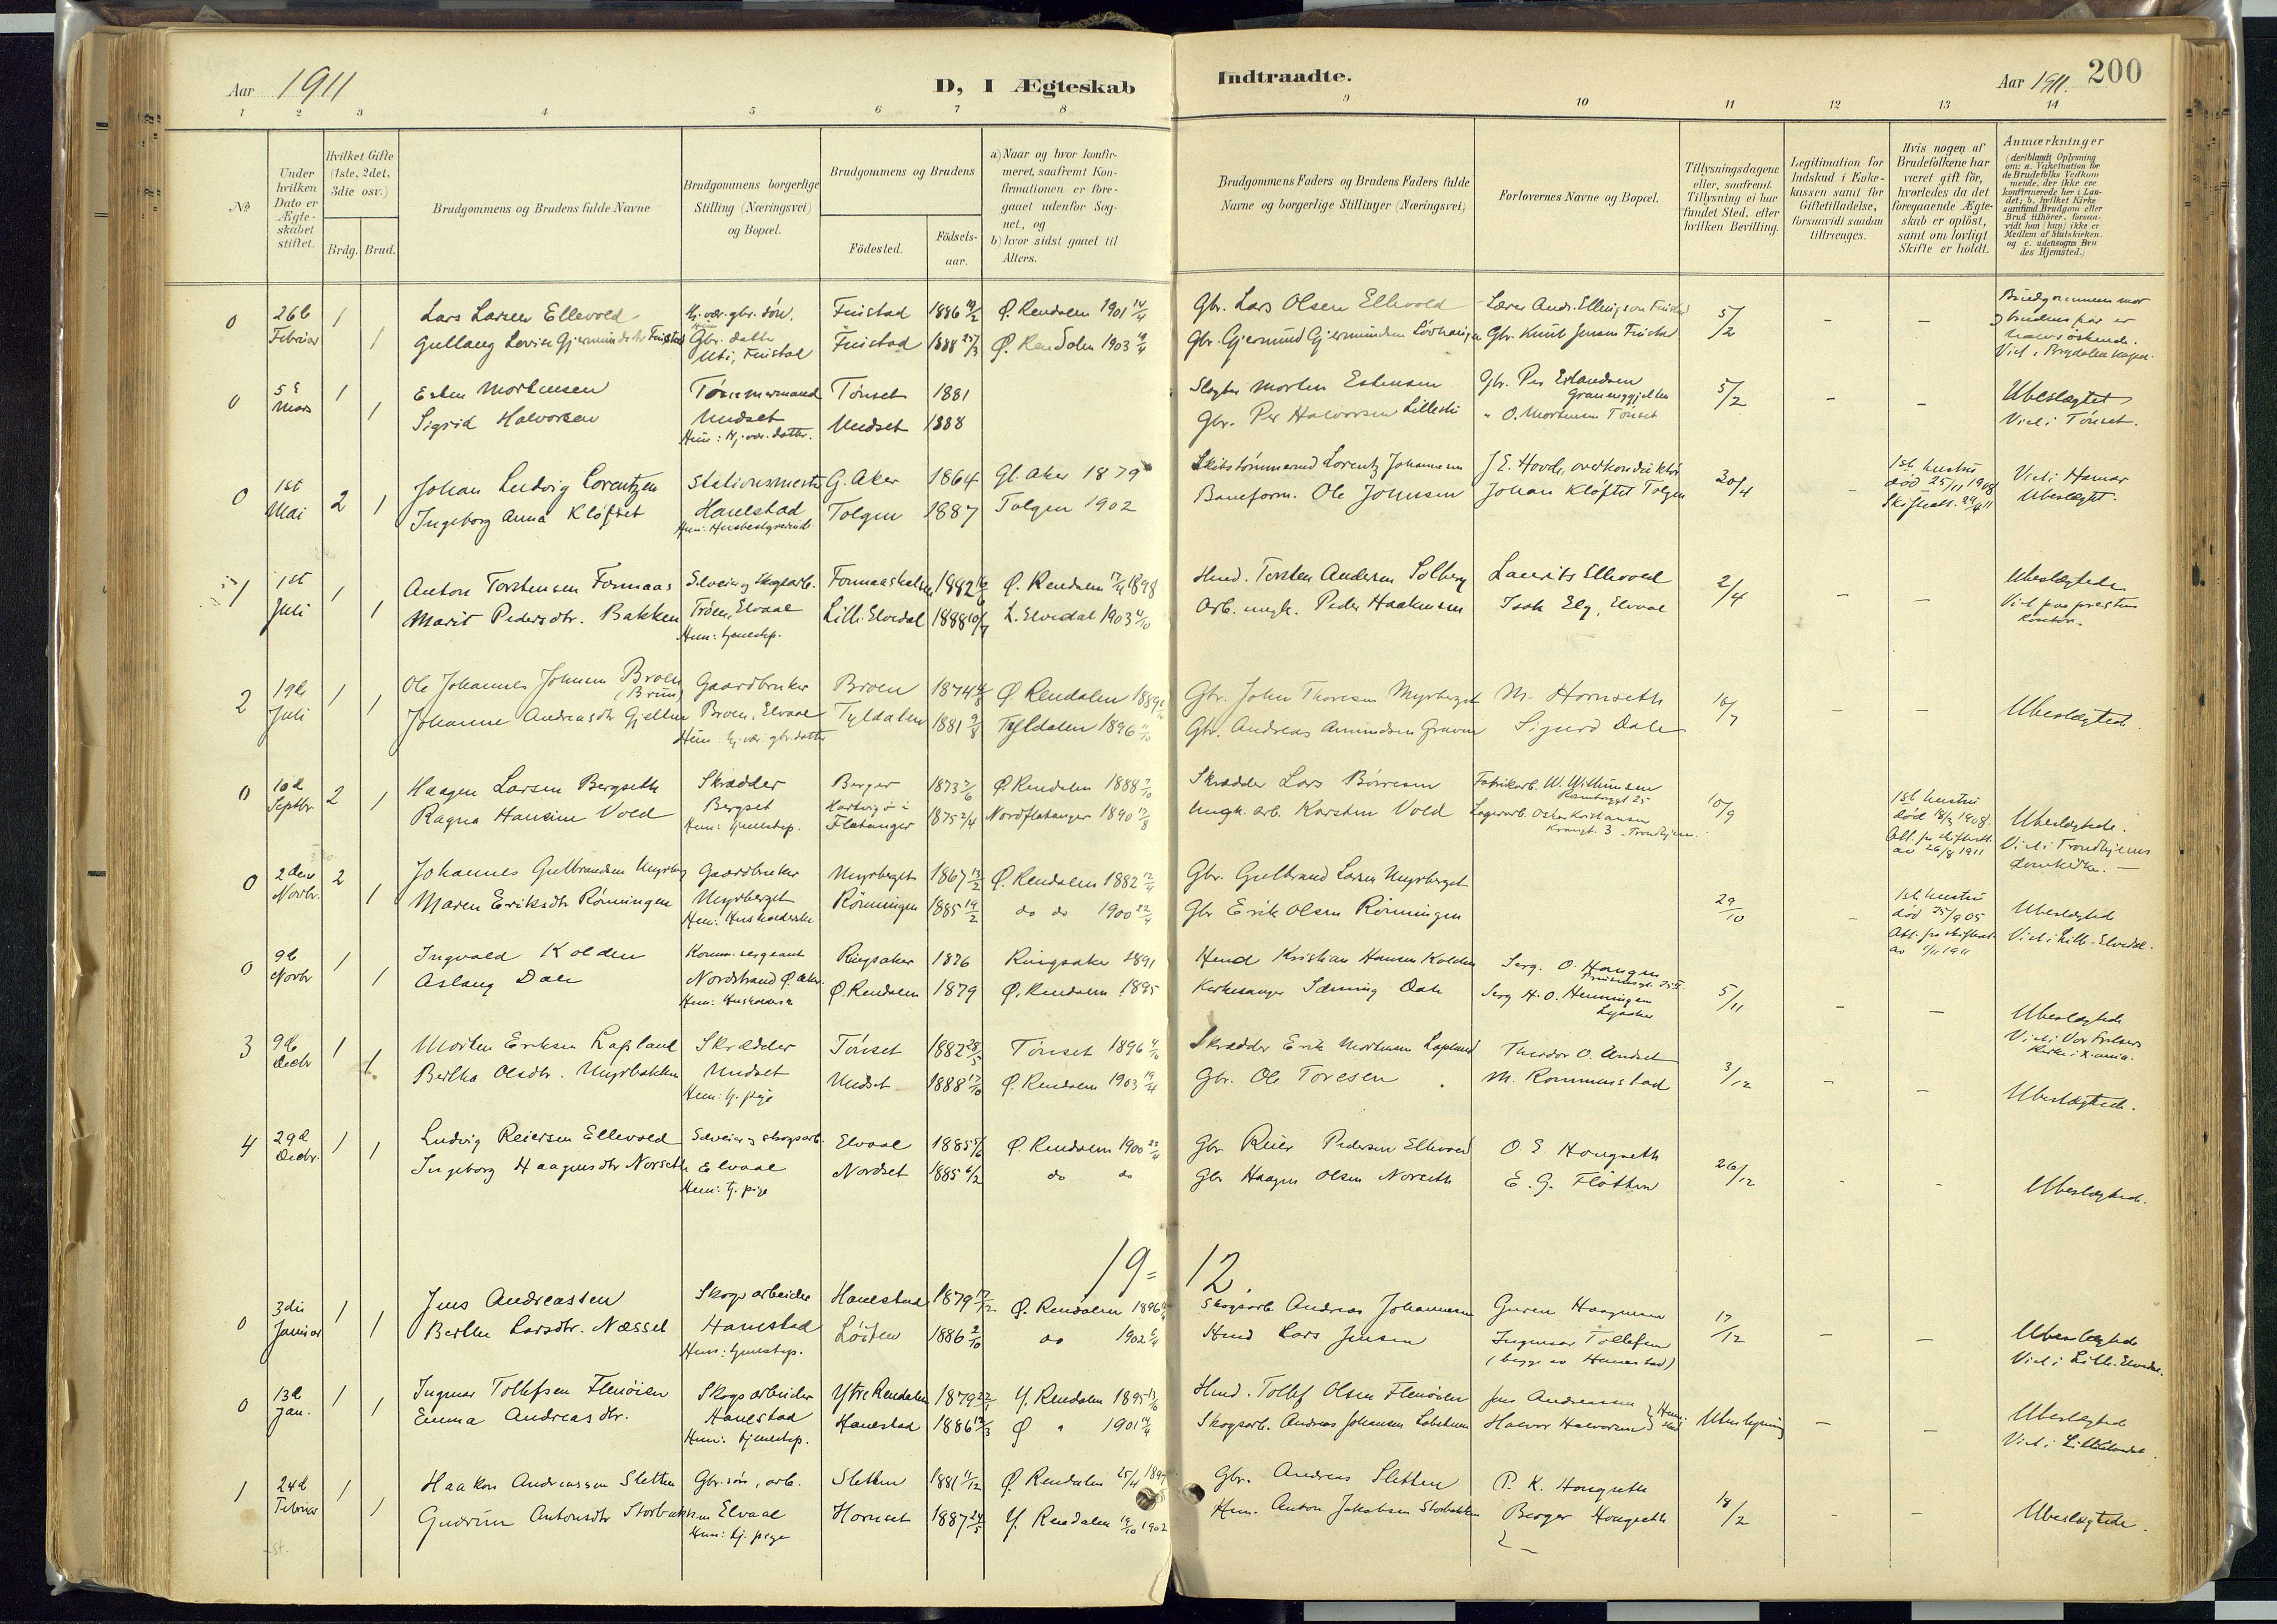 SAH, Rendalen prestekontor, H/Ha/Haa: Ministerialbok nr. 12, 1901-1928, s. 200